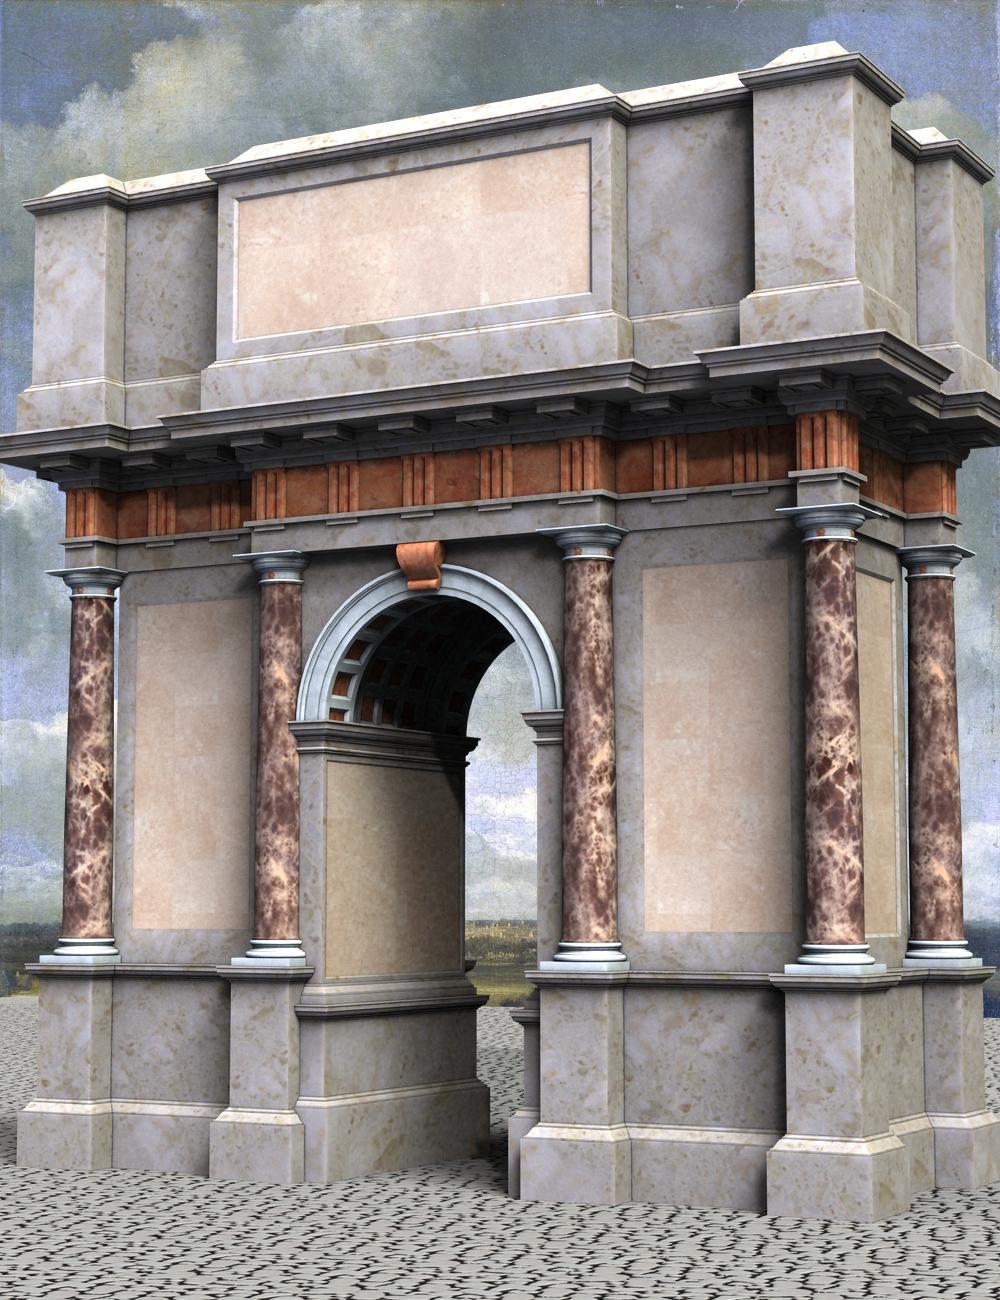 Roman Doric Triumphal Arch by: KRAIG, 3D Models by Daz 3D